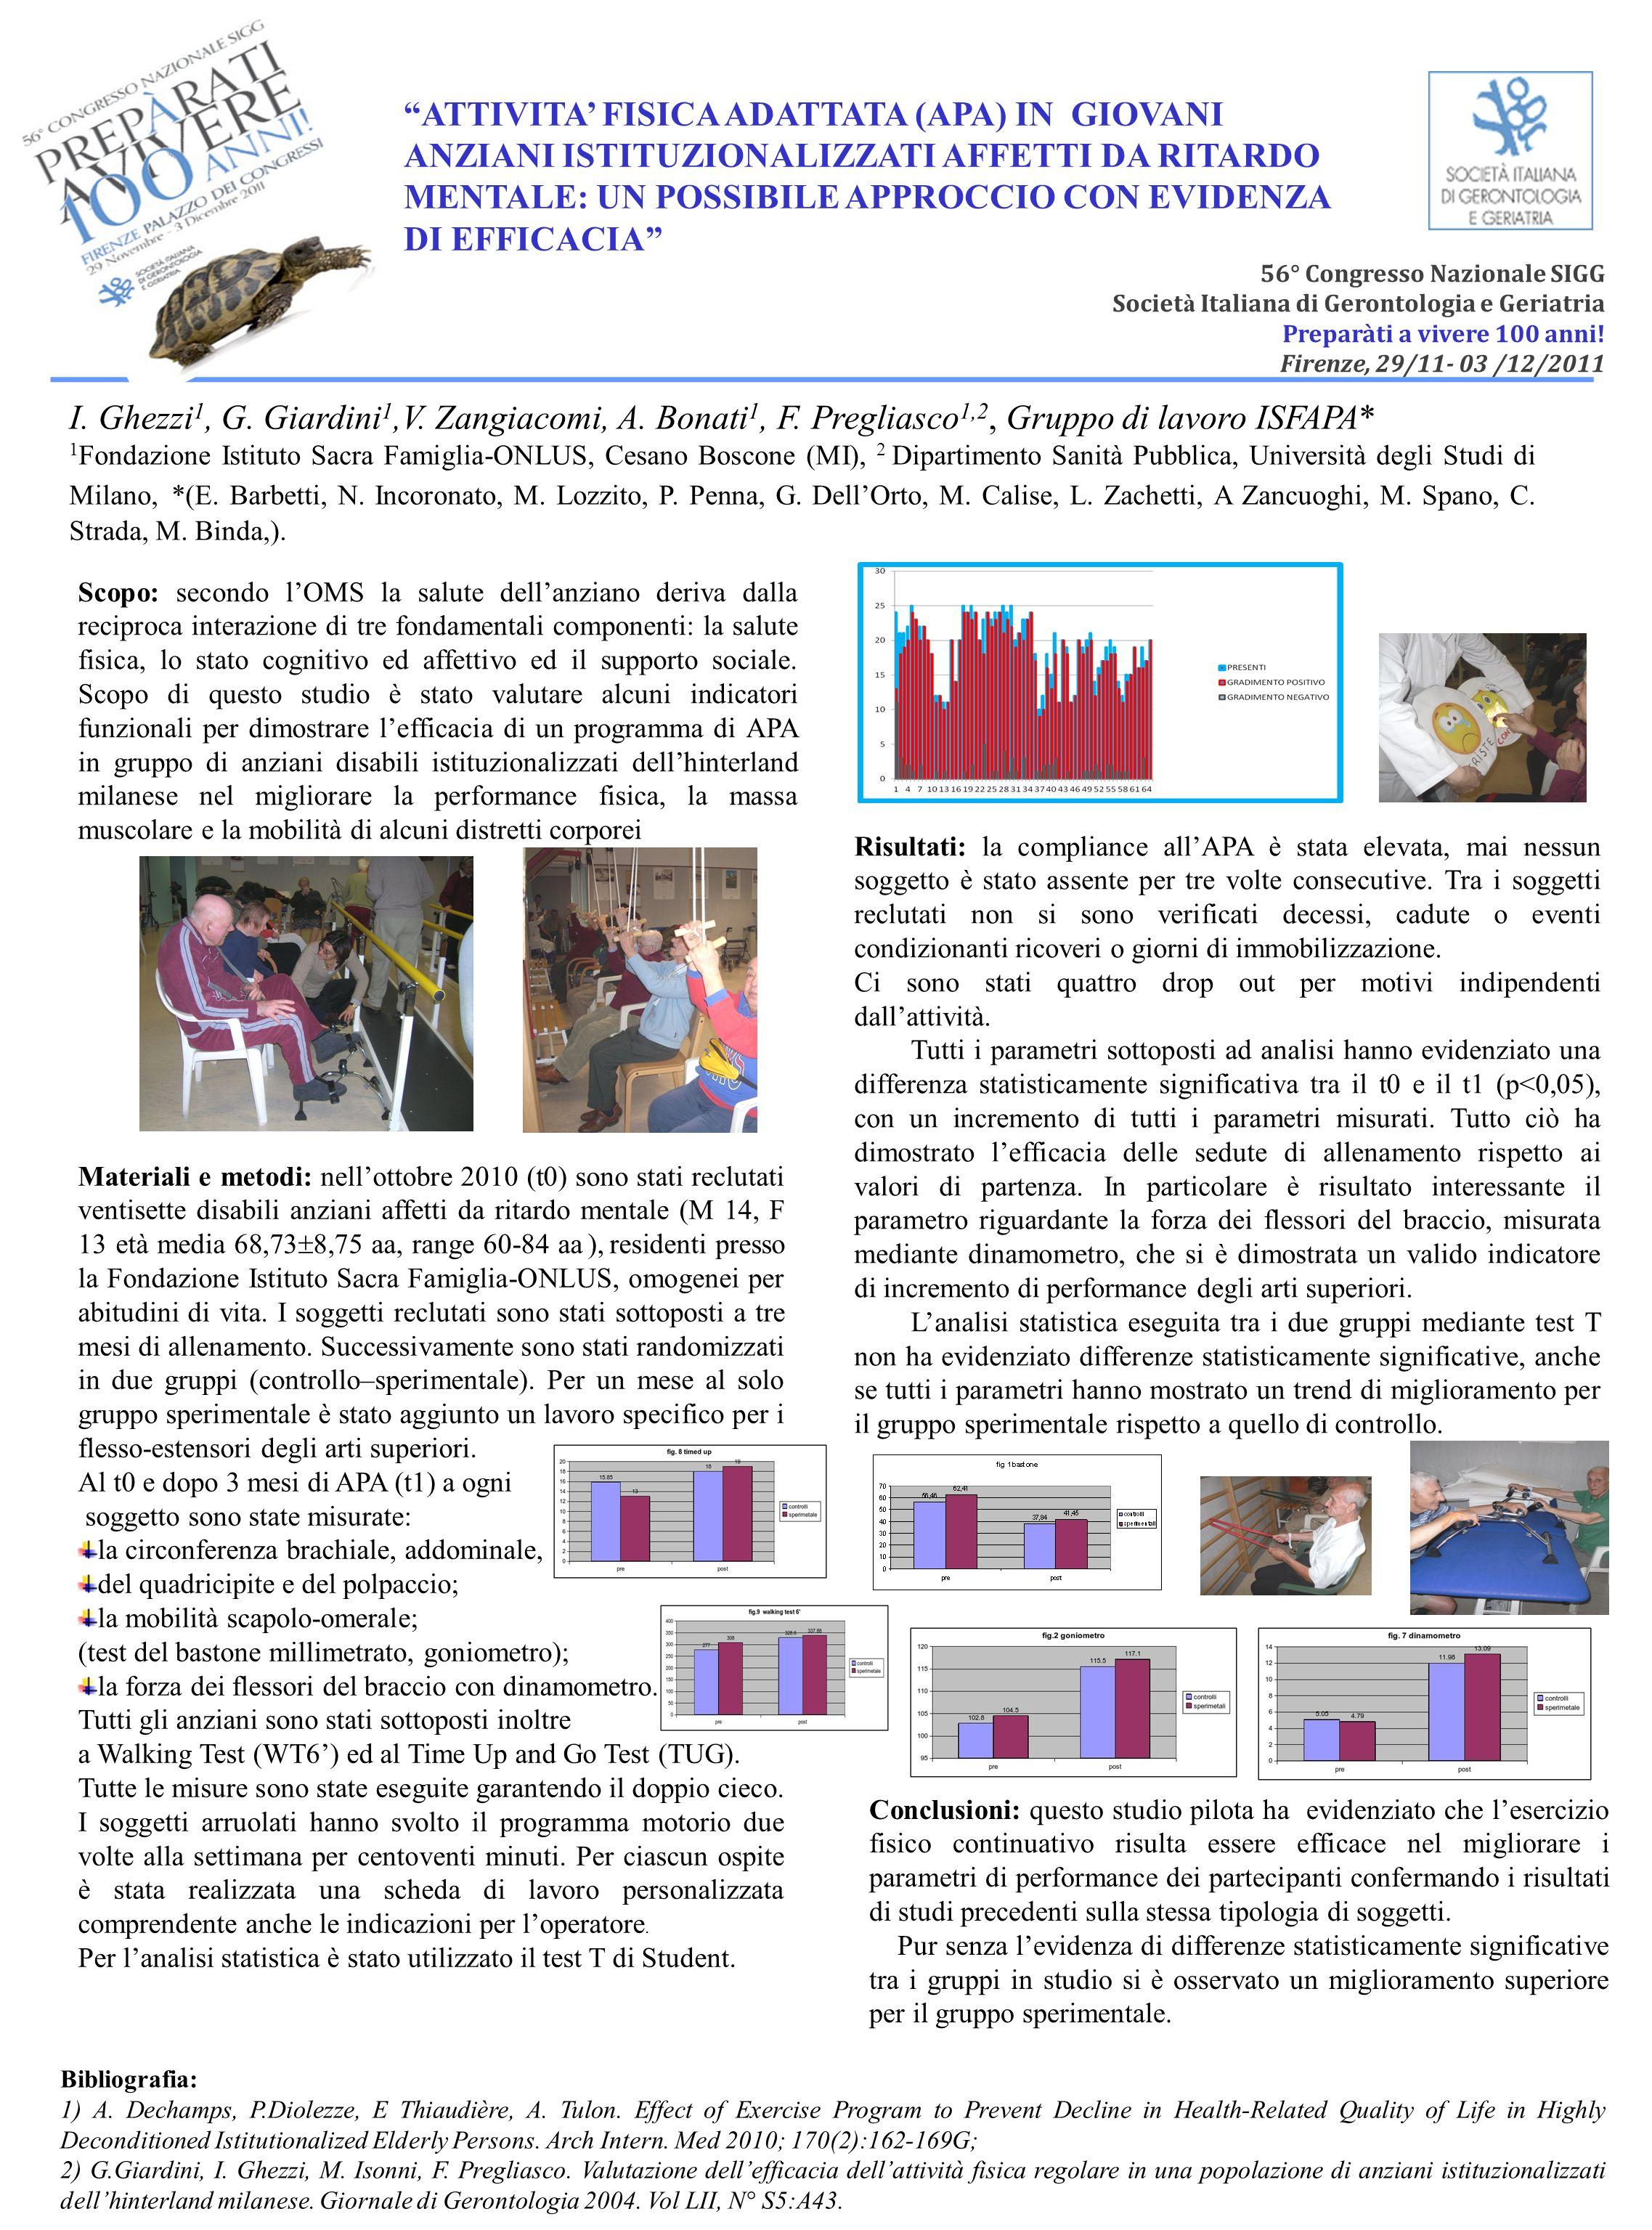 56° Congresso Nazionale SIGG Societ à Italiana di Gerontologia e Geriatria Preparàti a vivere 100 anni! Firenze, 29/11- 03 /12/2011 Scopo: secondo lOM